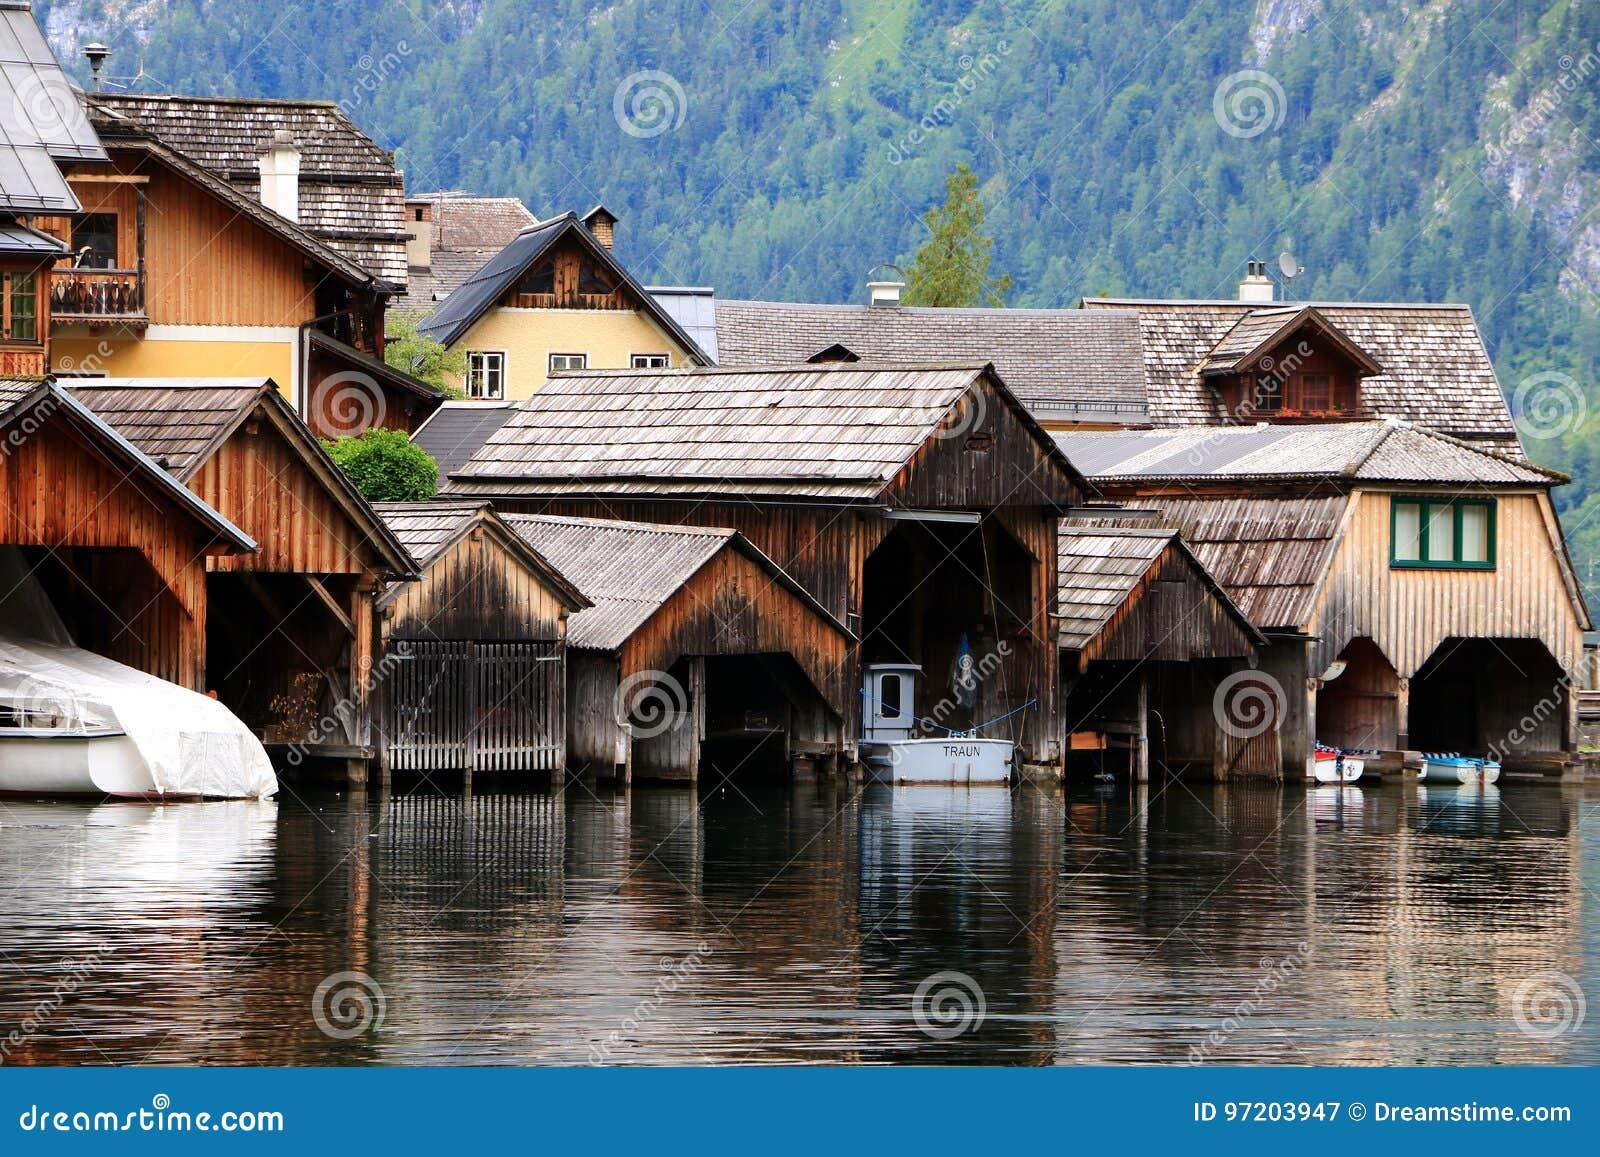 Alpine houses in Hallstatt